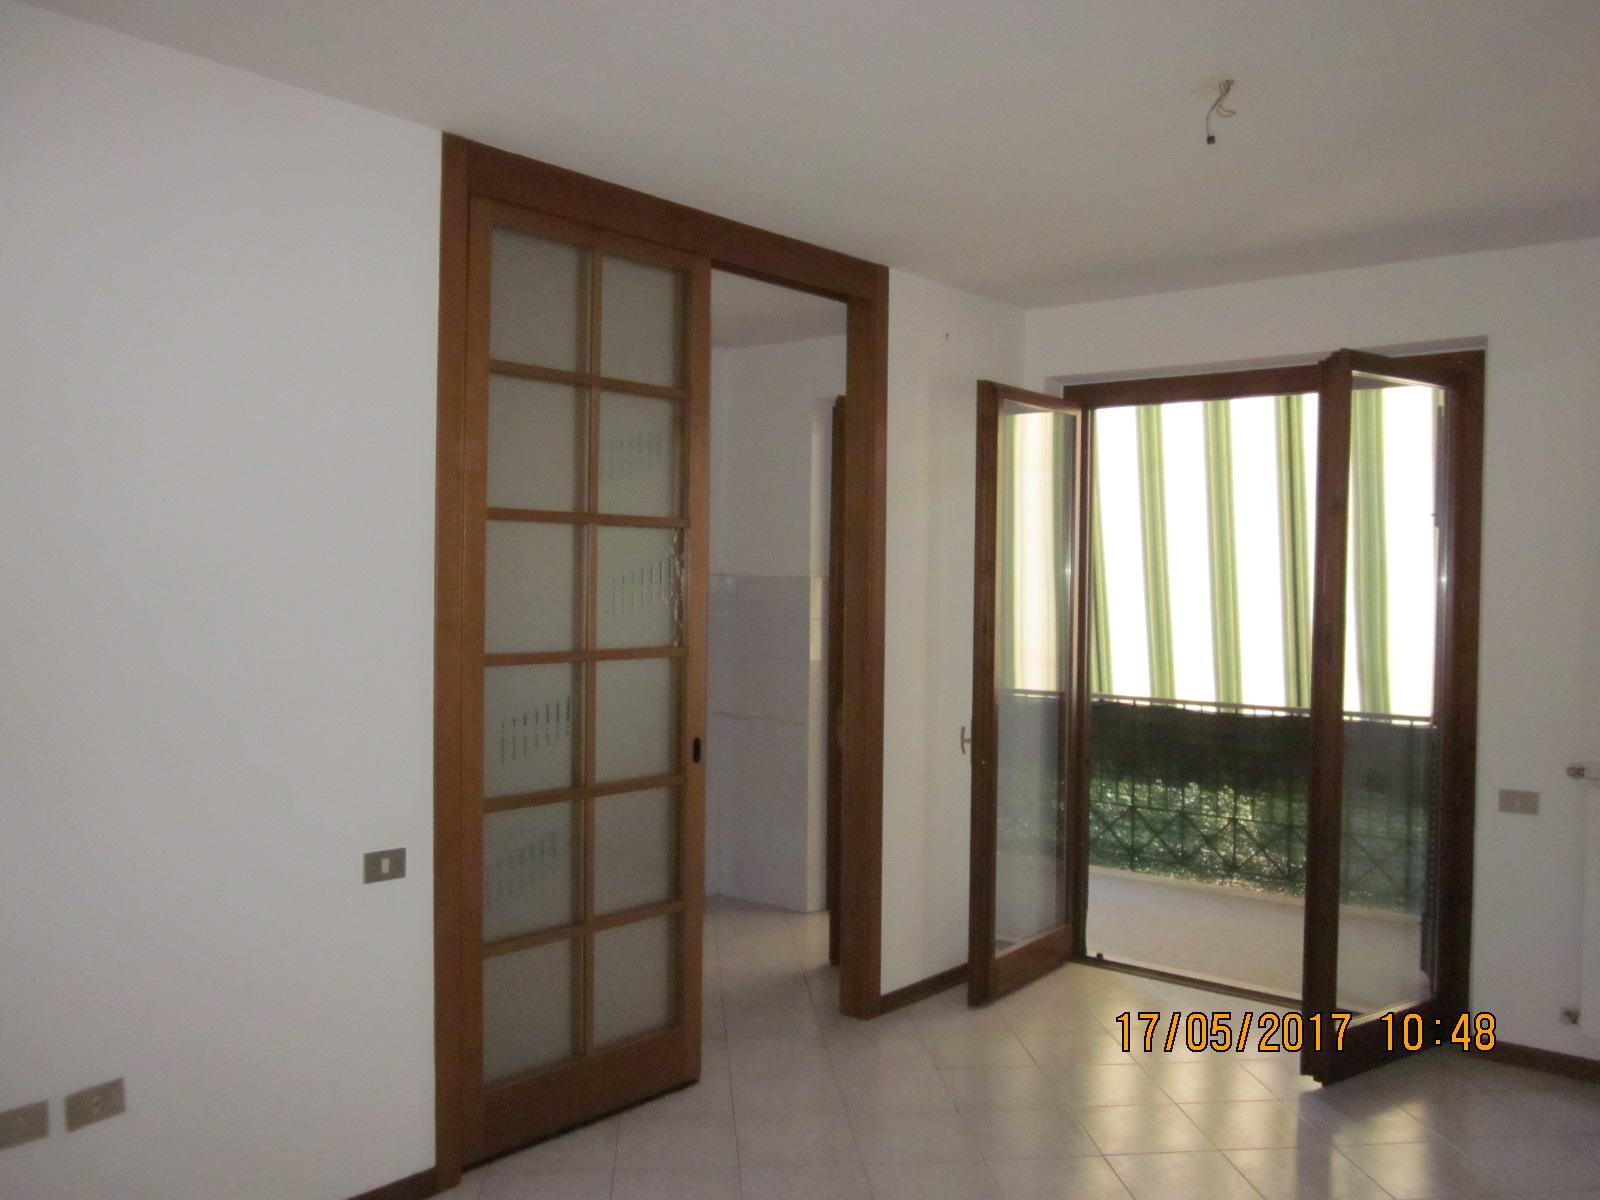 Appartamento in affitto a Viareggio, 4 locali, zona Località: Entroterragenerico, prezzo € 750 | Cambio Casa.it